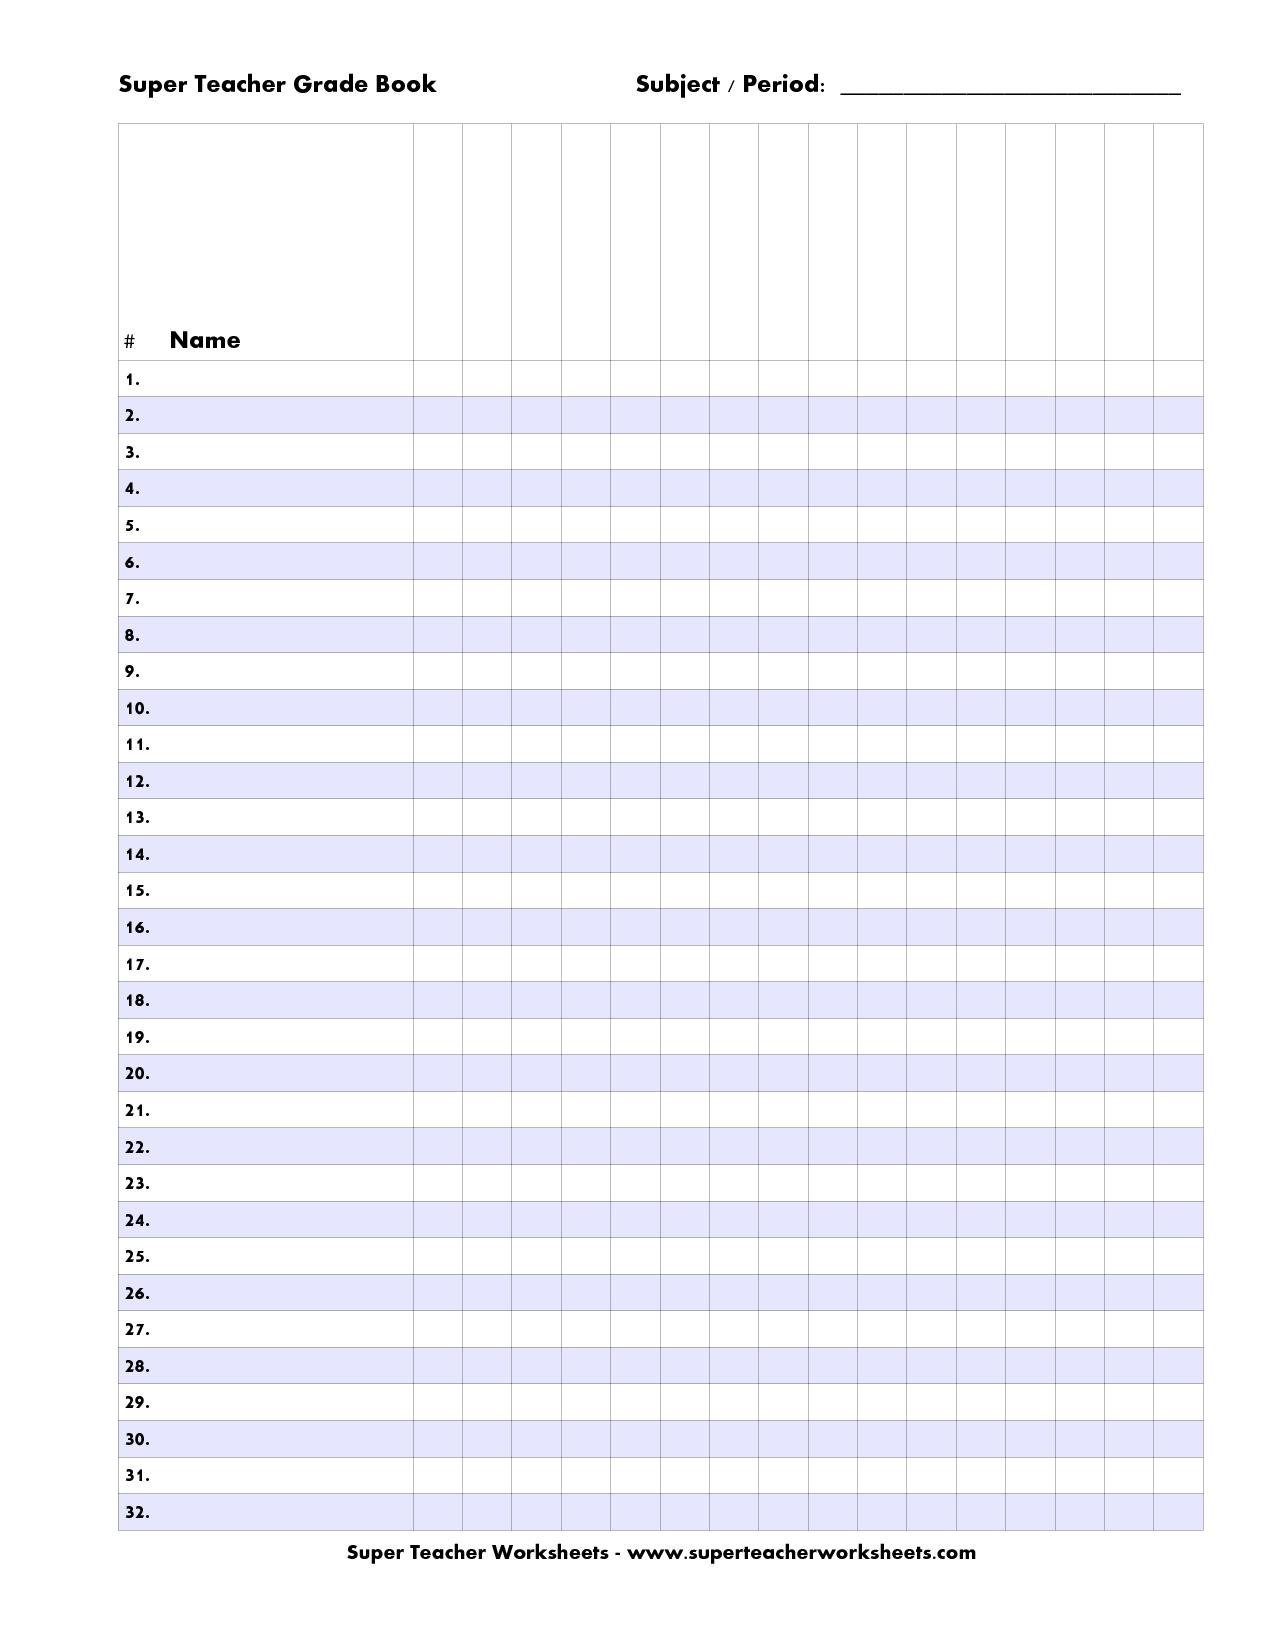 Free Printable Teacher Grade Book Sheets